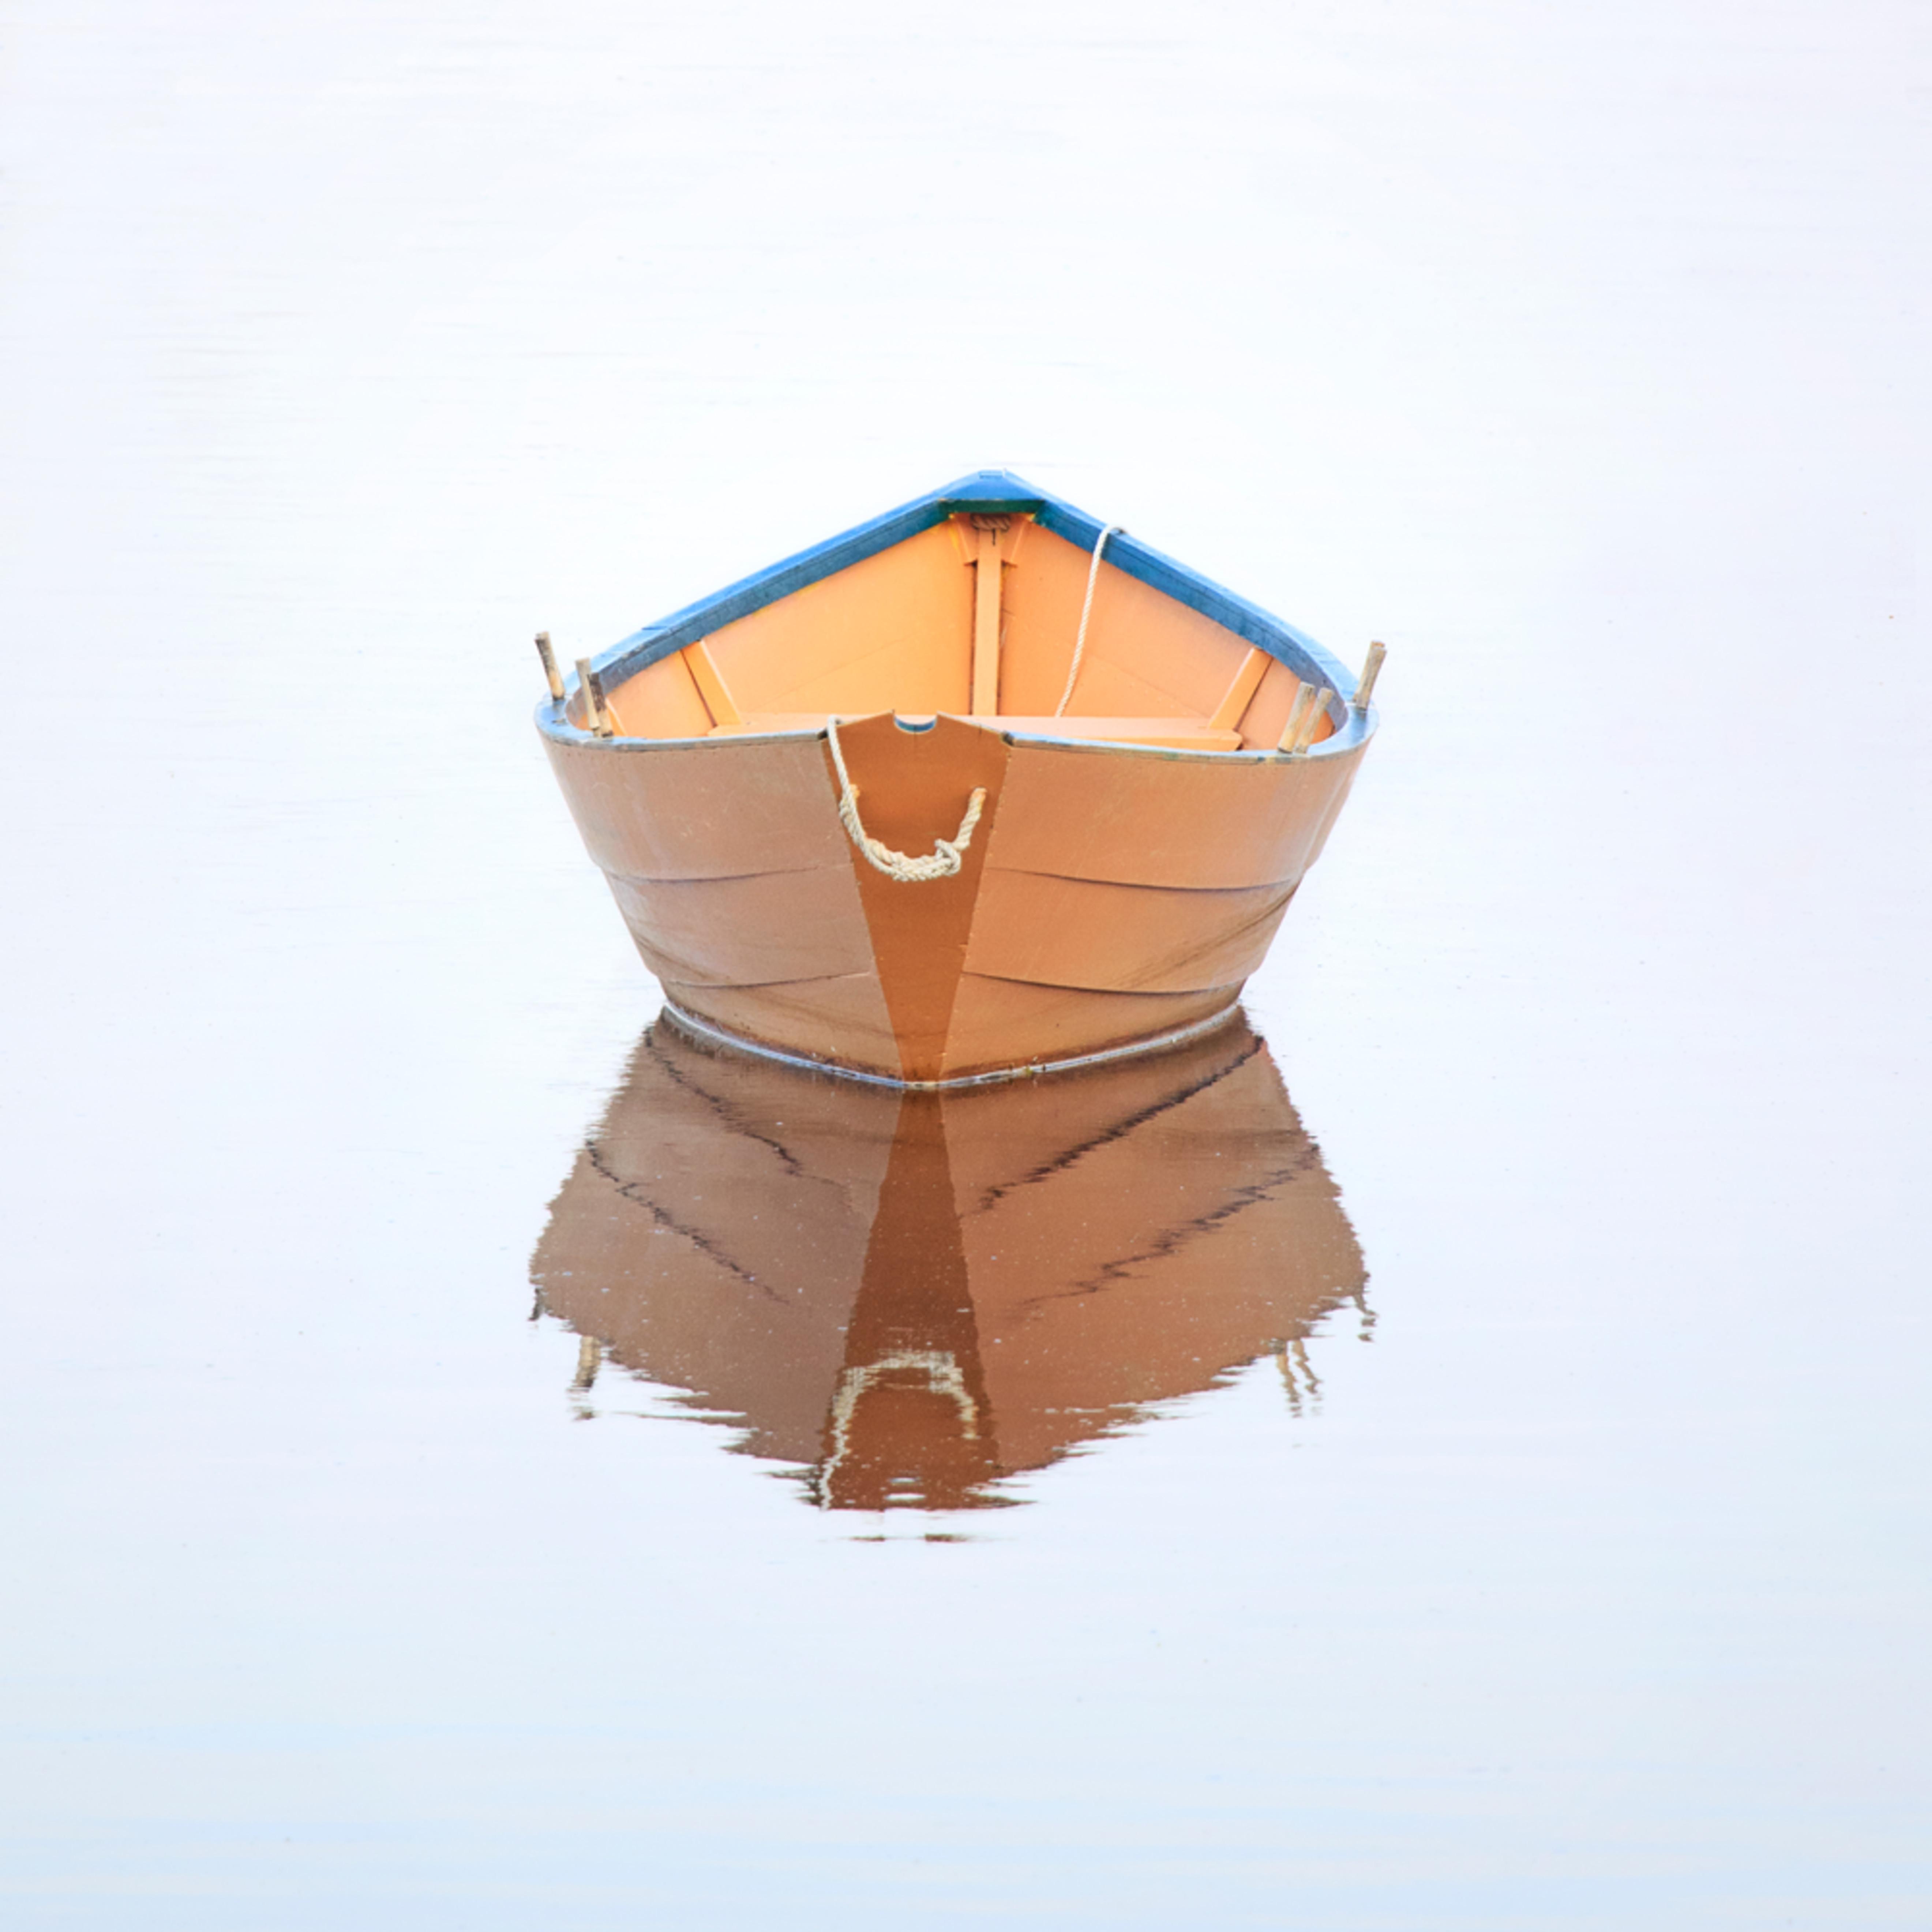 Lowells boat shop wooden dories 20170613 4508 tgrnxv